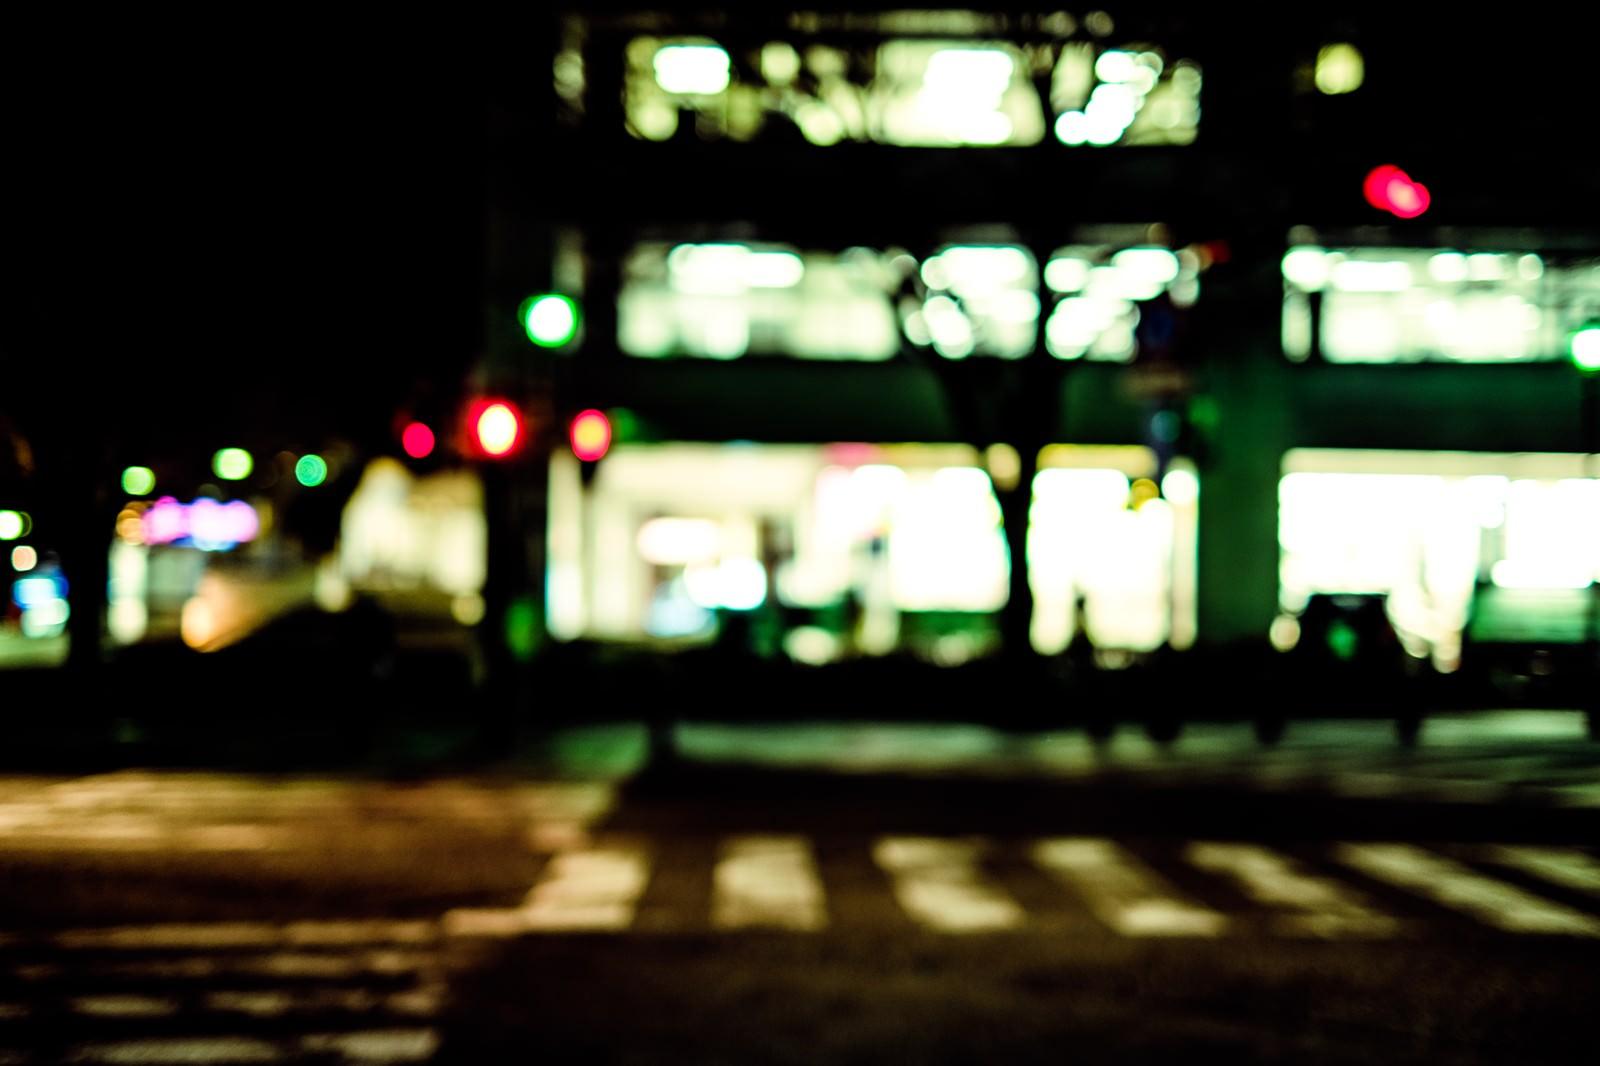 「夜間の信号待ち(横断歩道)」の写真